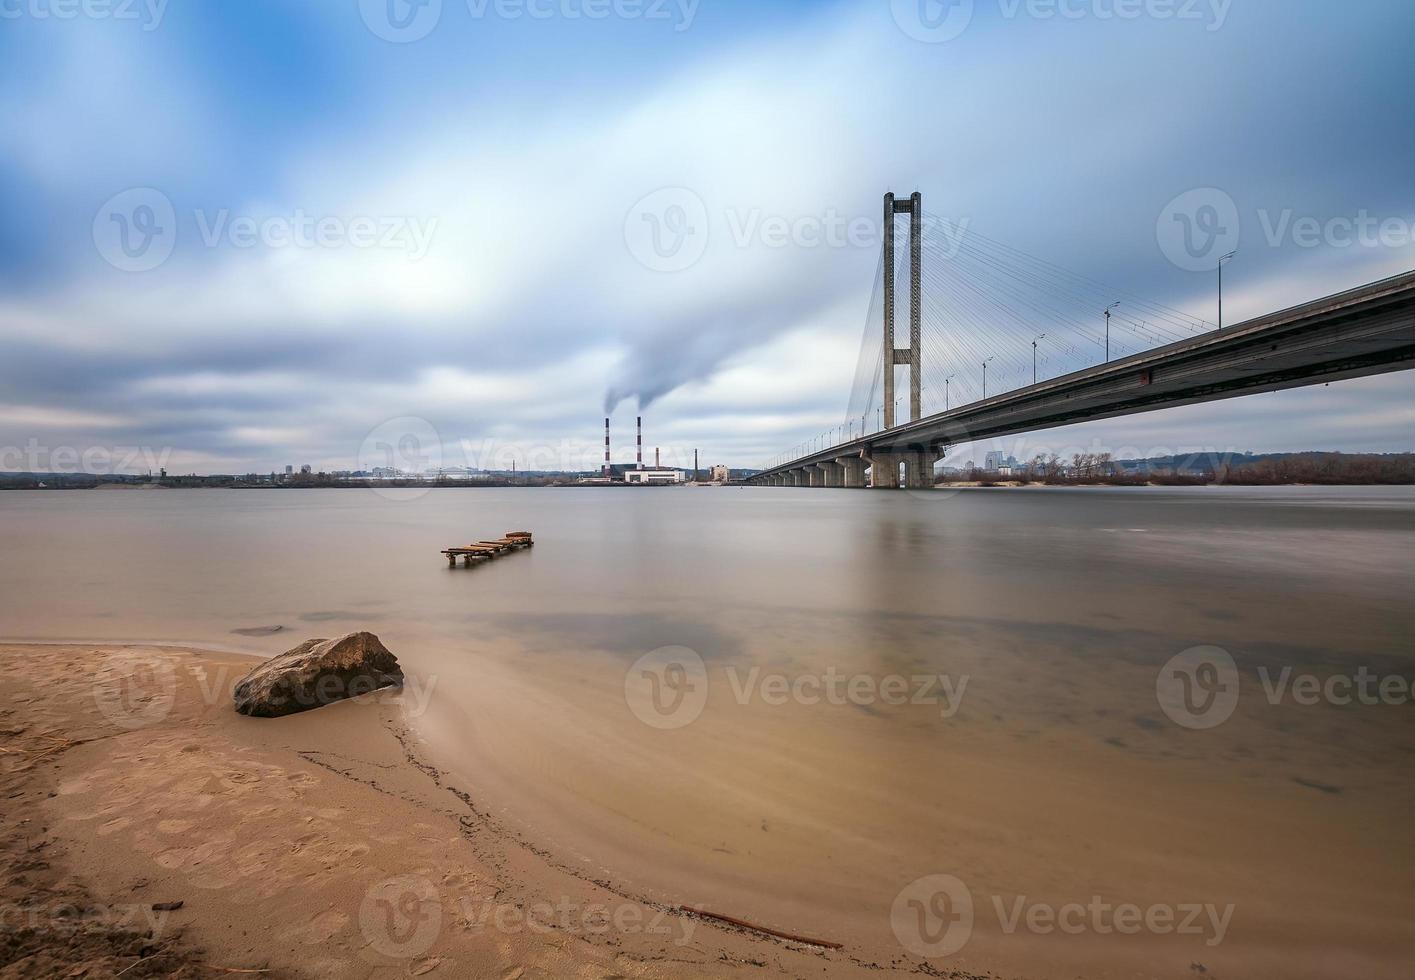 ponte sul da cidade de kiev de manhã. Ucrânia. foto